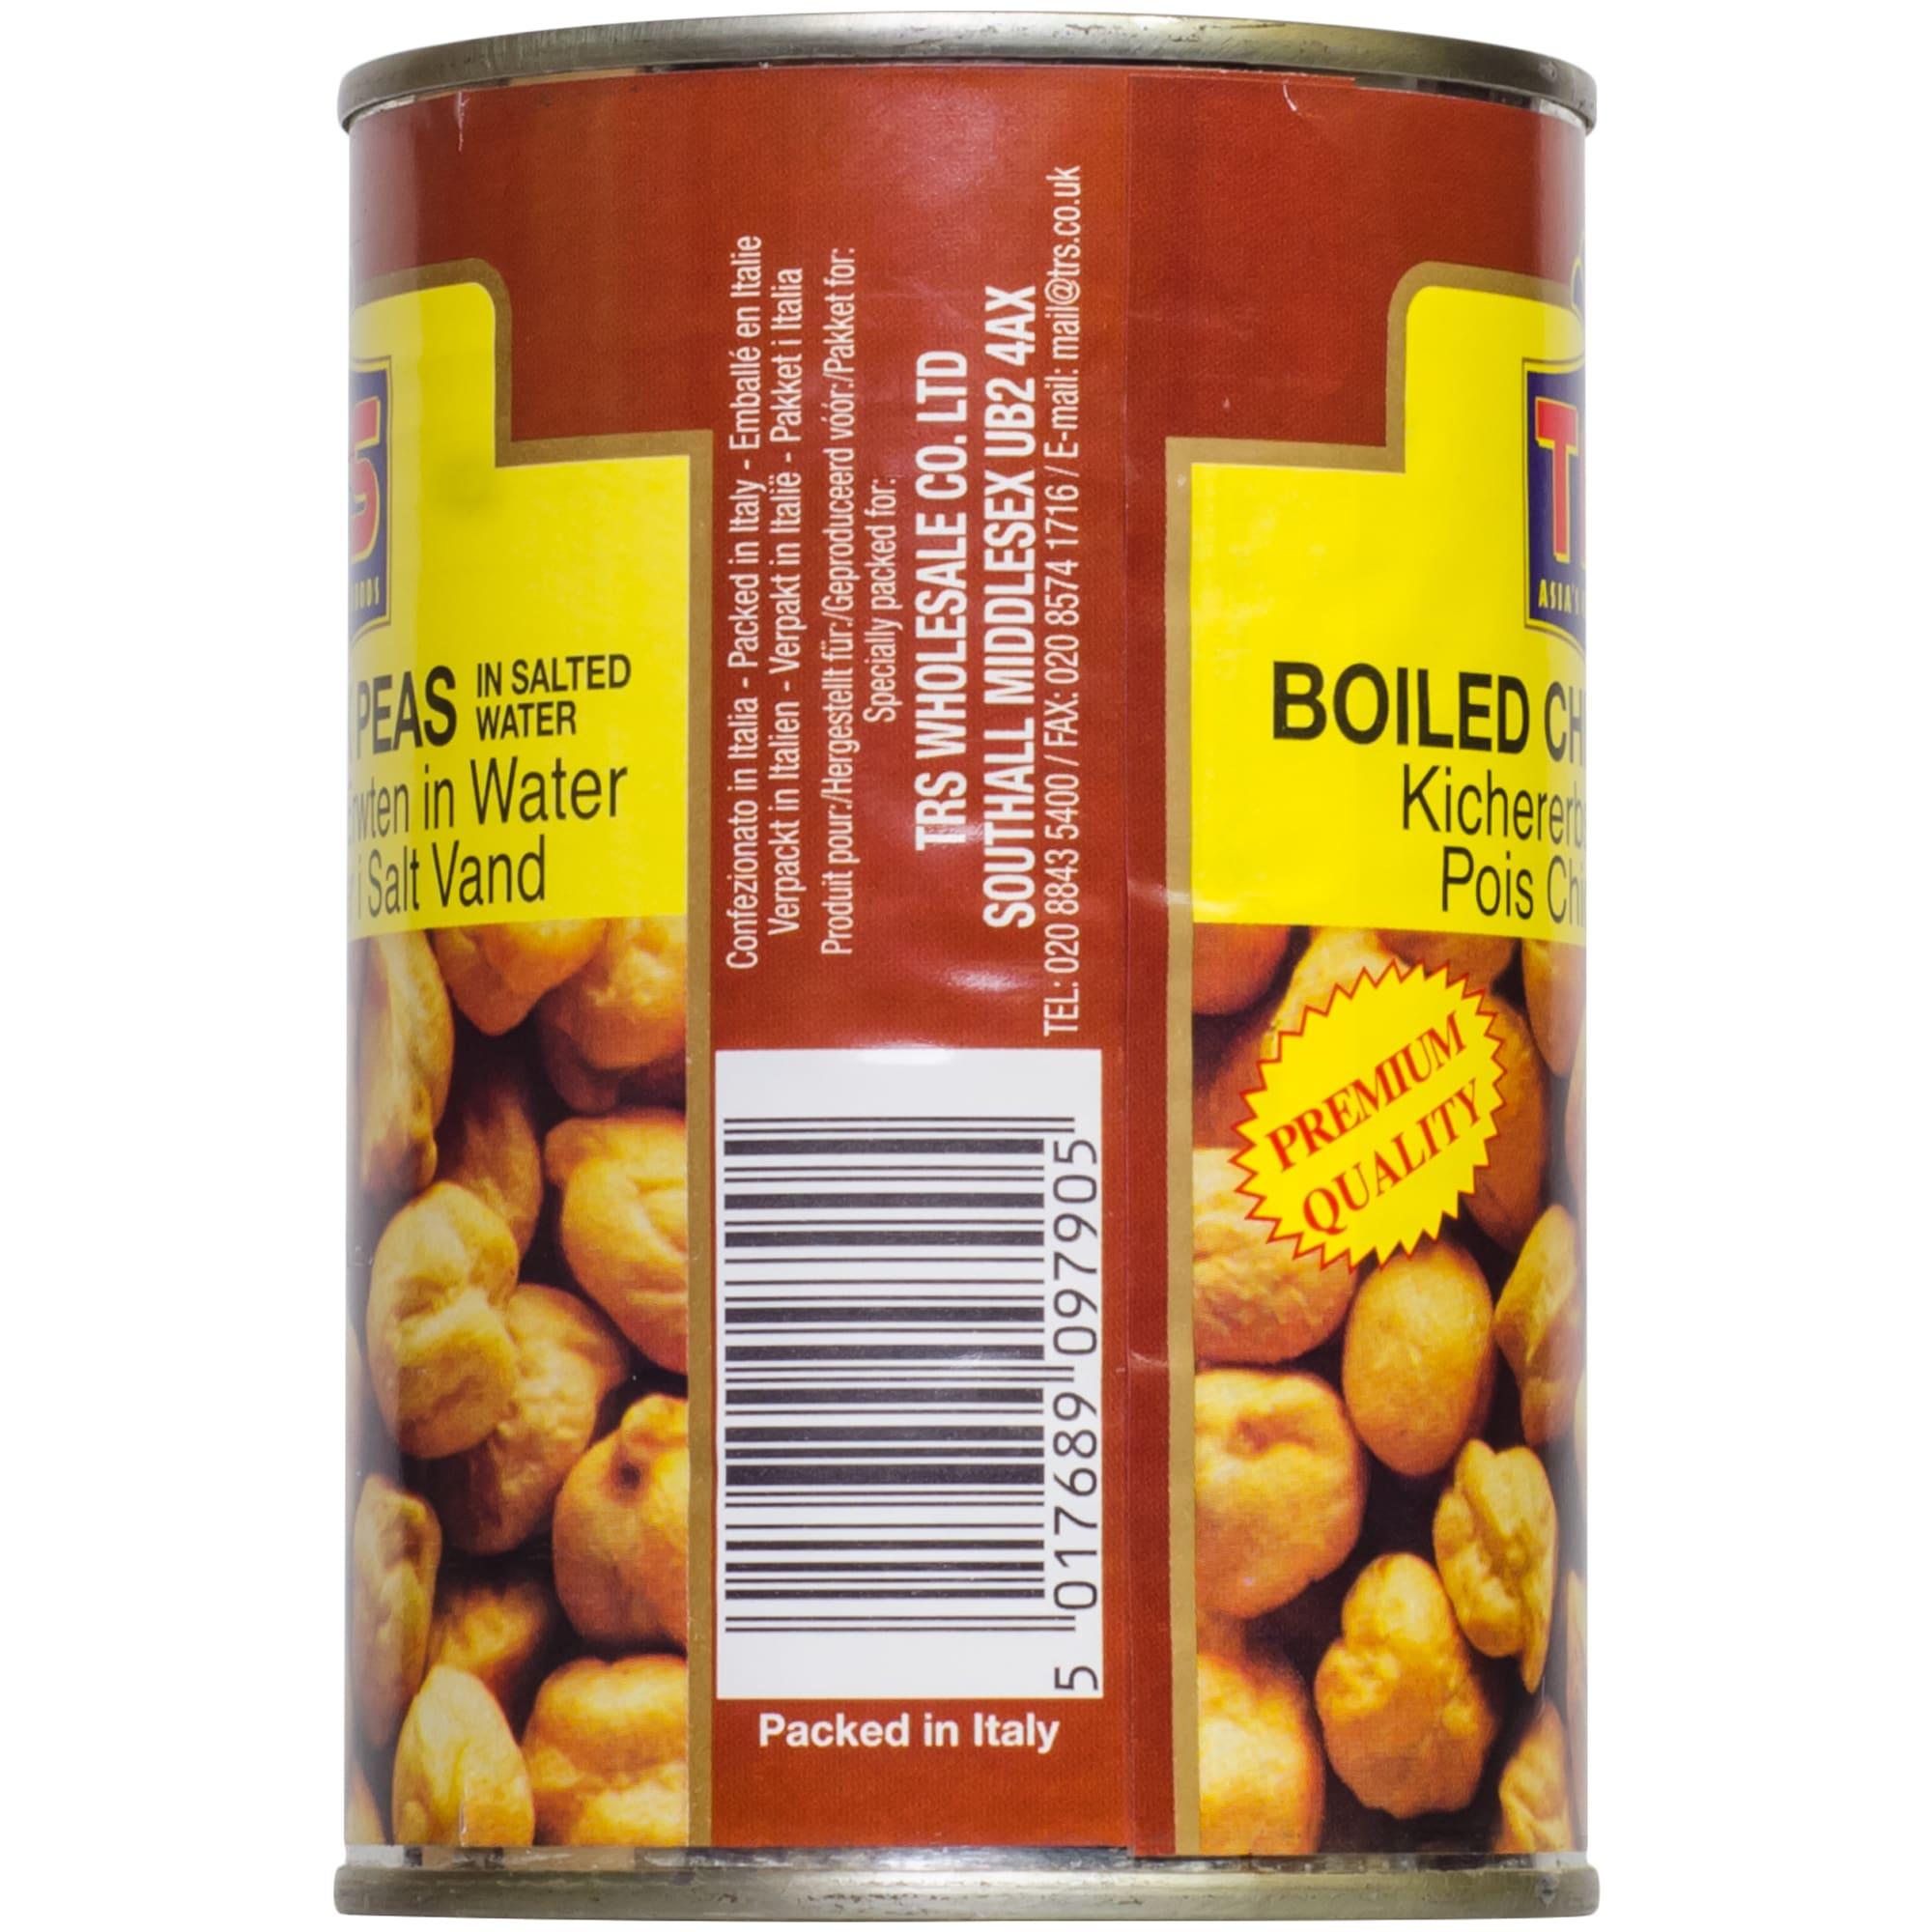 TRS boiled Chick Peas Gekochte Kichererbsen 240g